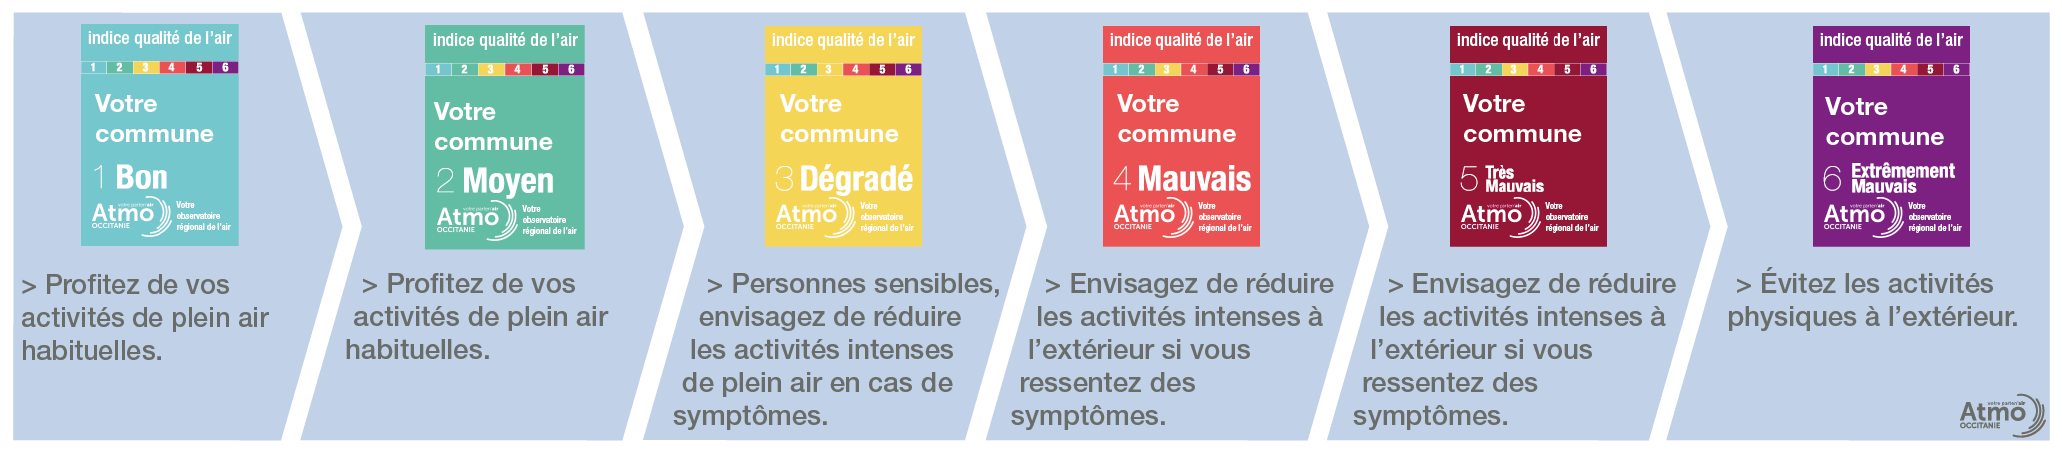 recommandations sanitaires formulées par l'Agence Européenne pour l'Environnement